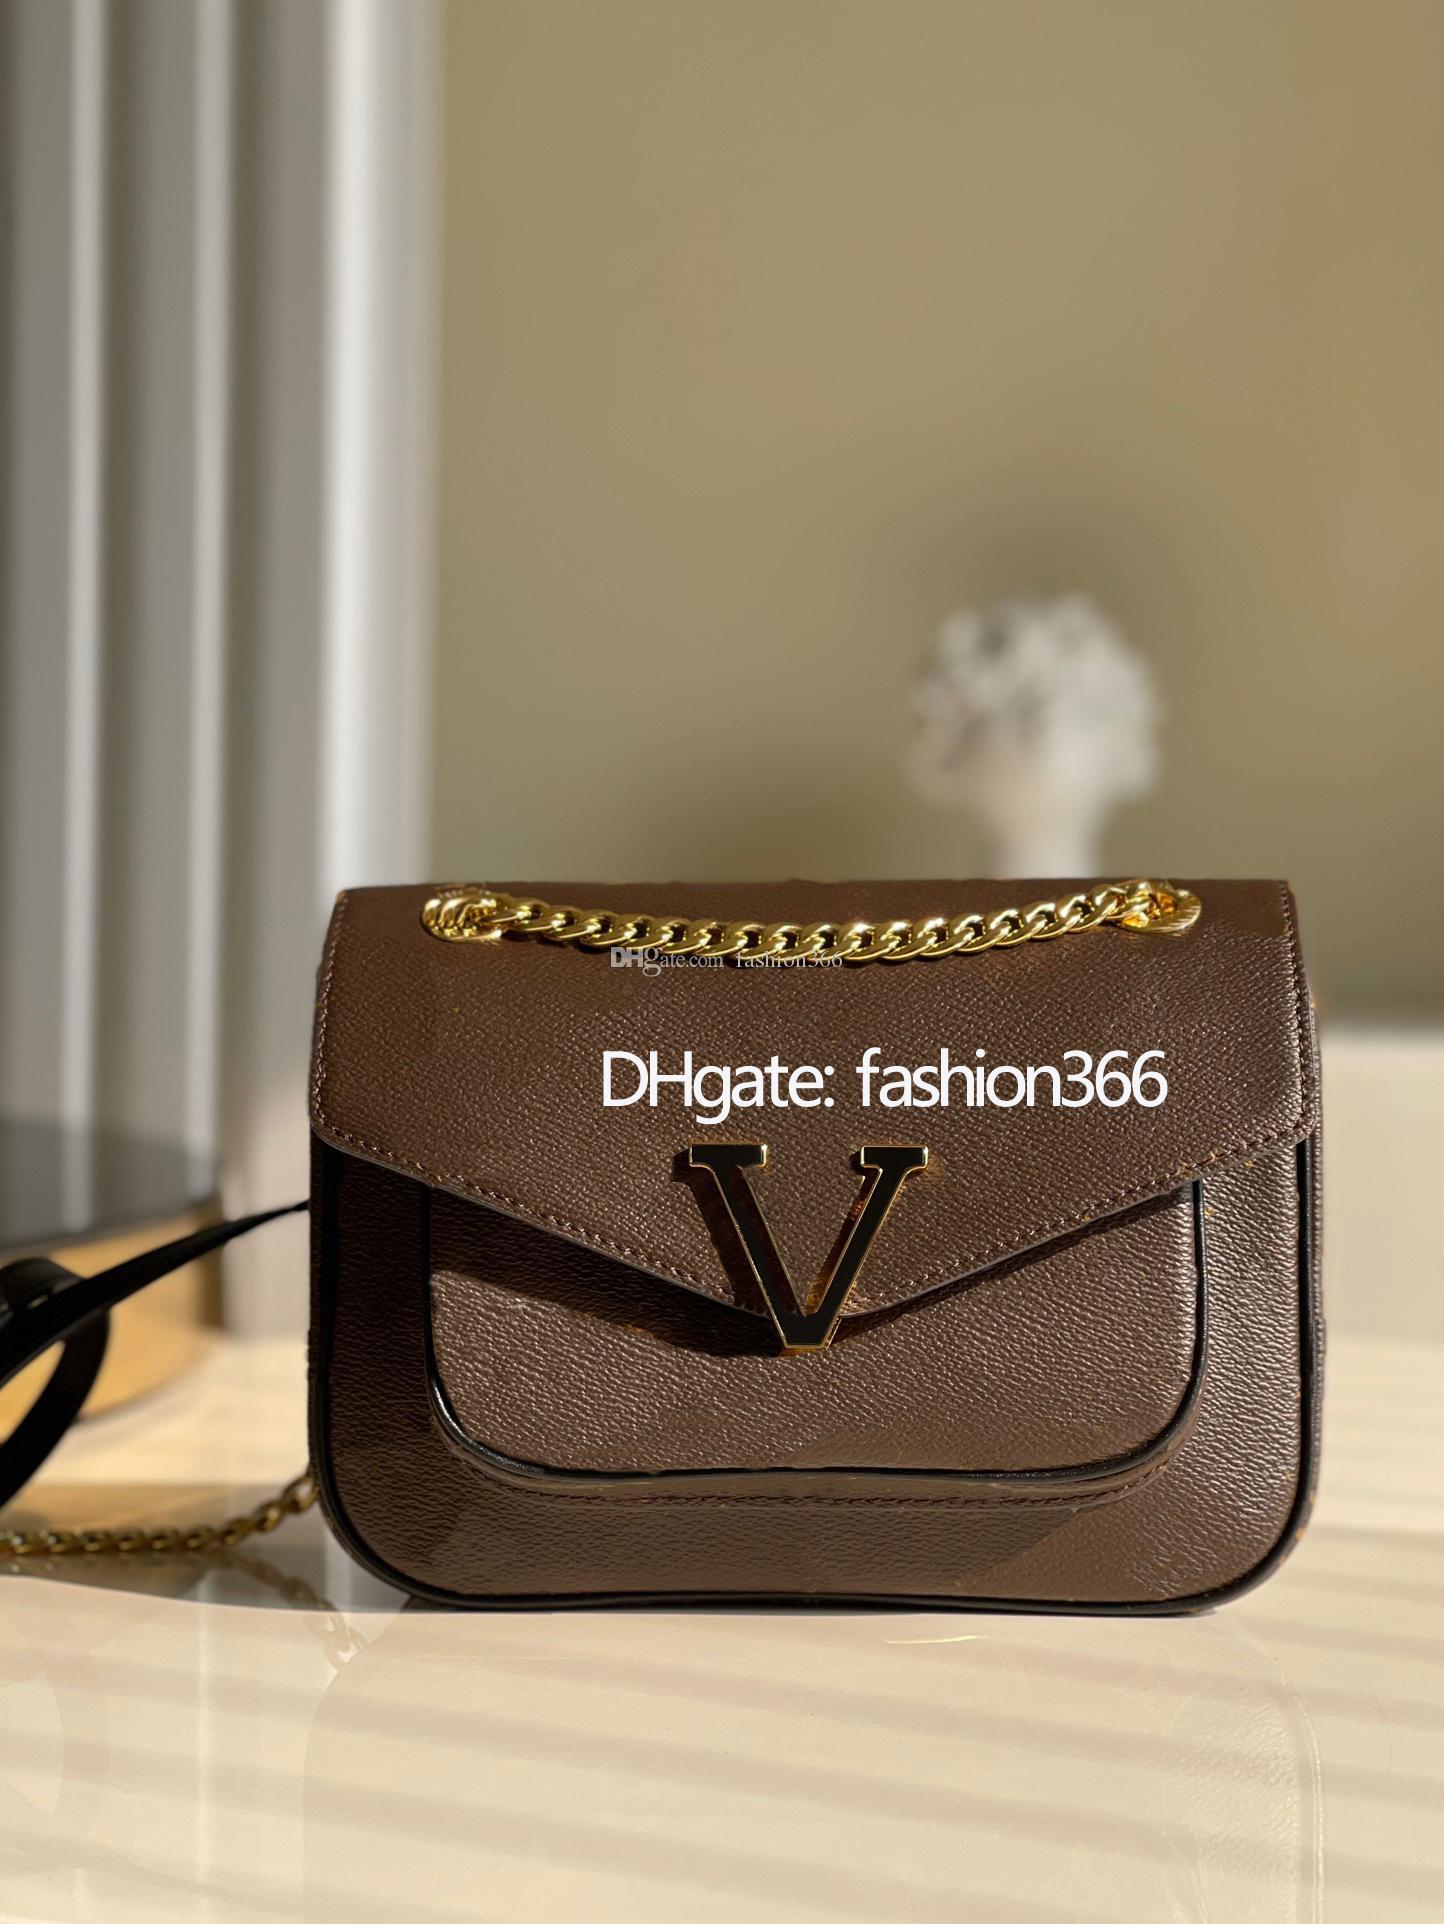 Top Quality Neo Monceau Bags Totes Senhora Moda Corrente Messenger Compras Bolsa Bolsa Mulheres Luxurys Designers Carteira Cosméticos Lidar com M45592